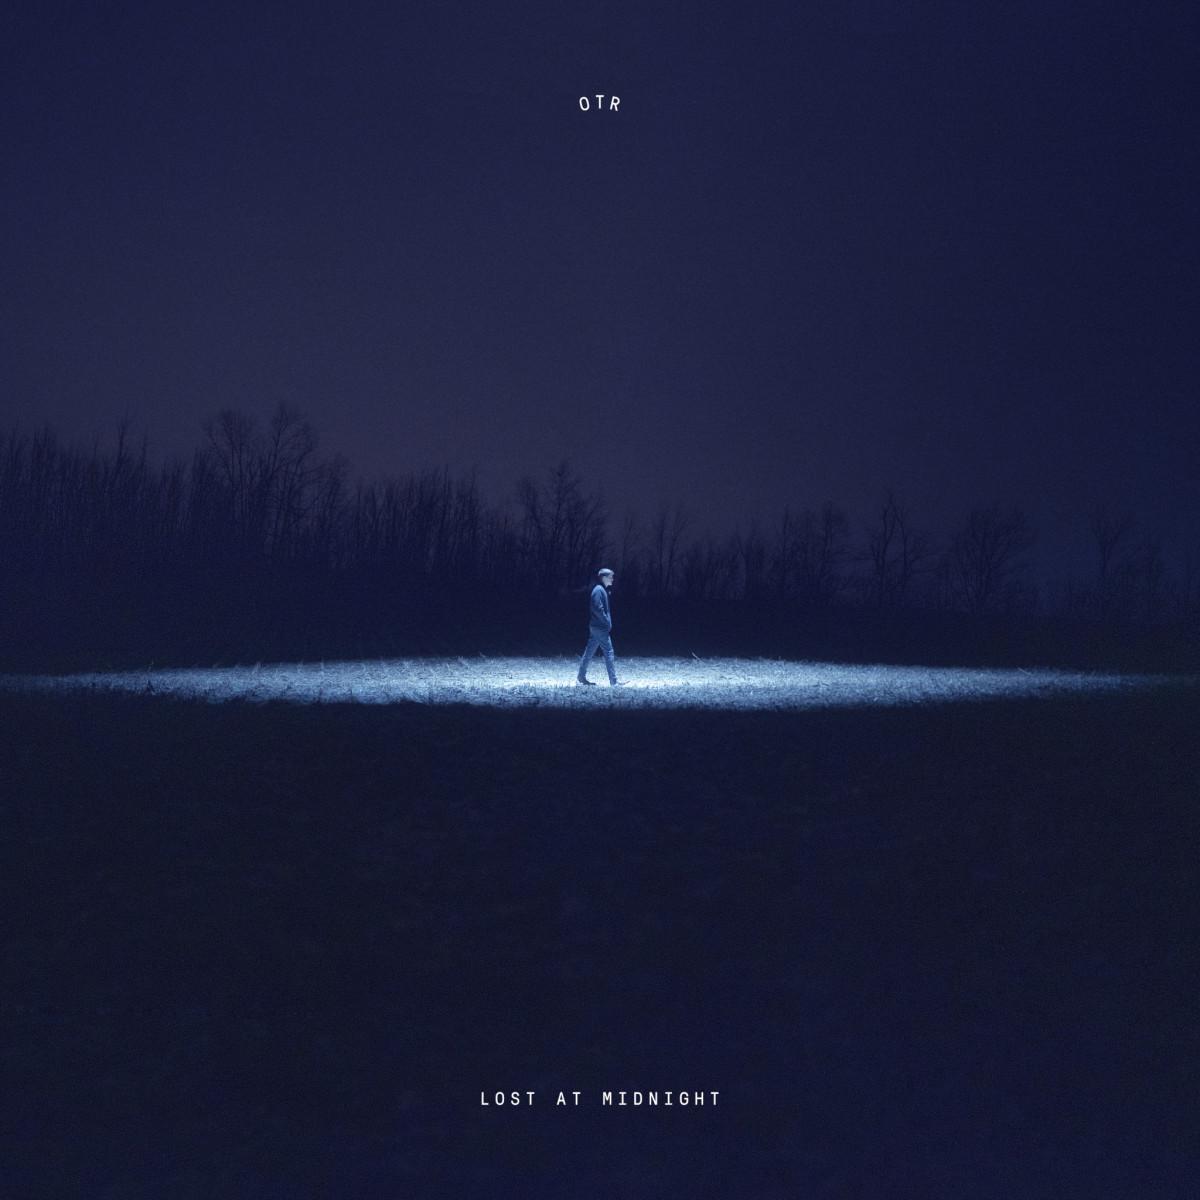 OTR Lost At Midnight Cover Art